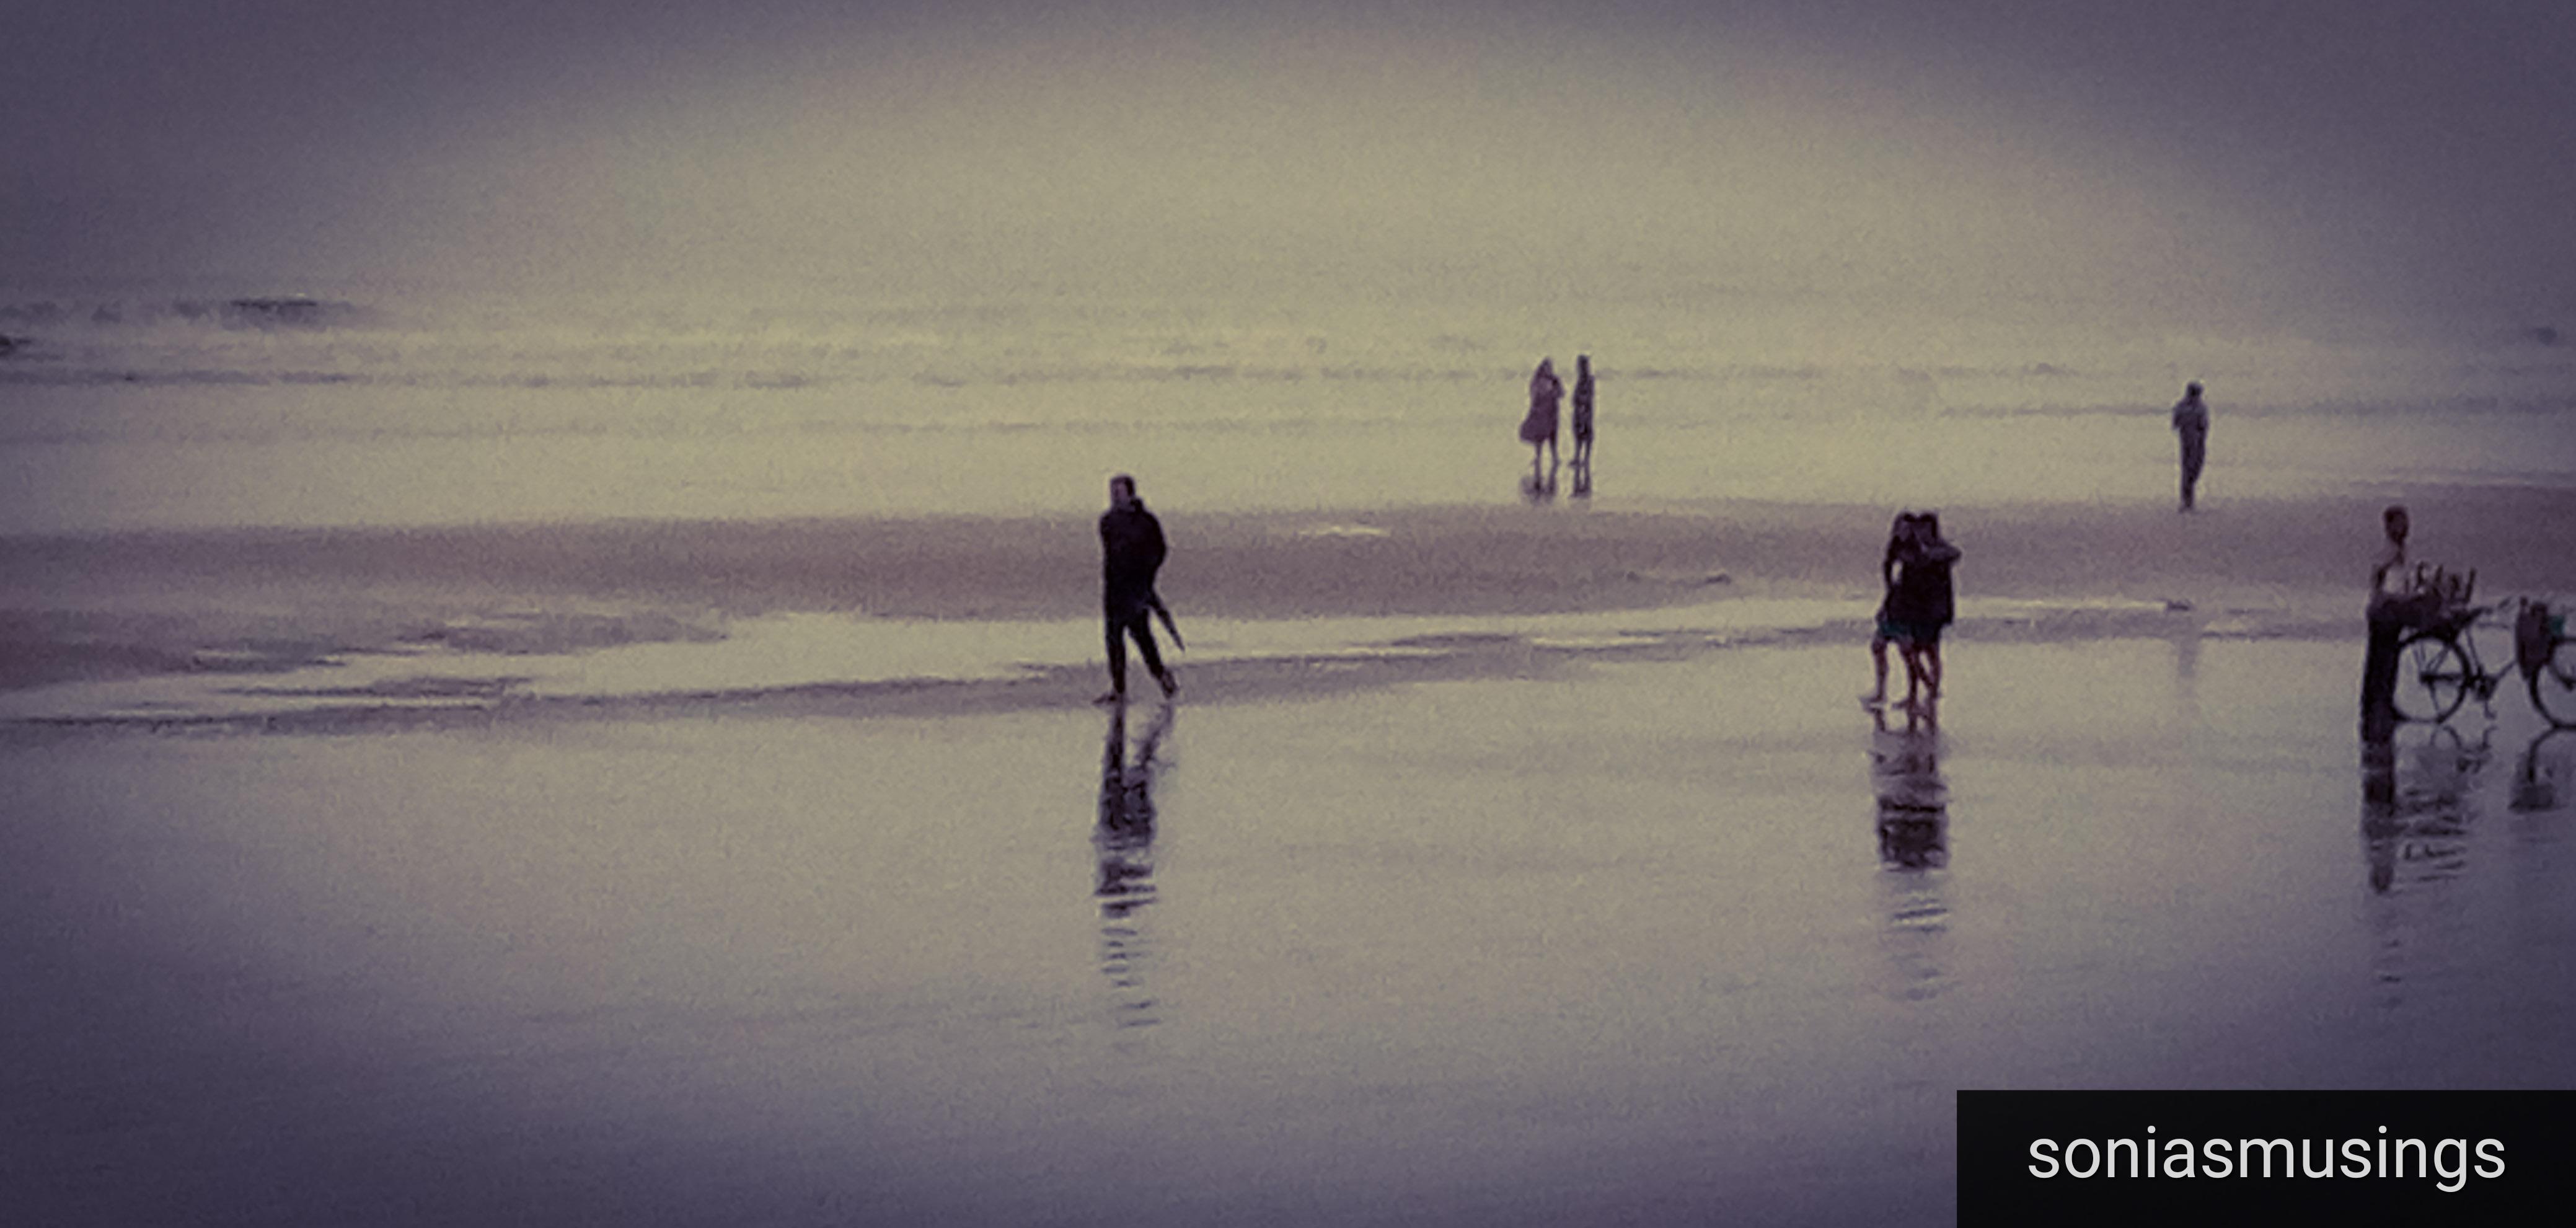 Walking down the beach